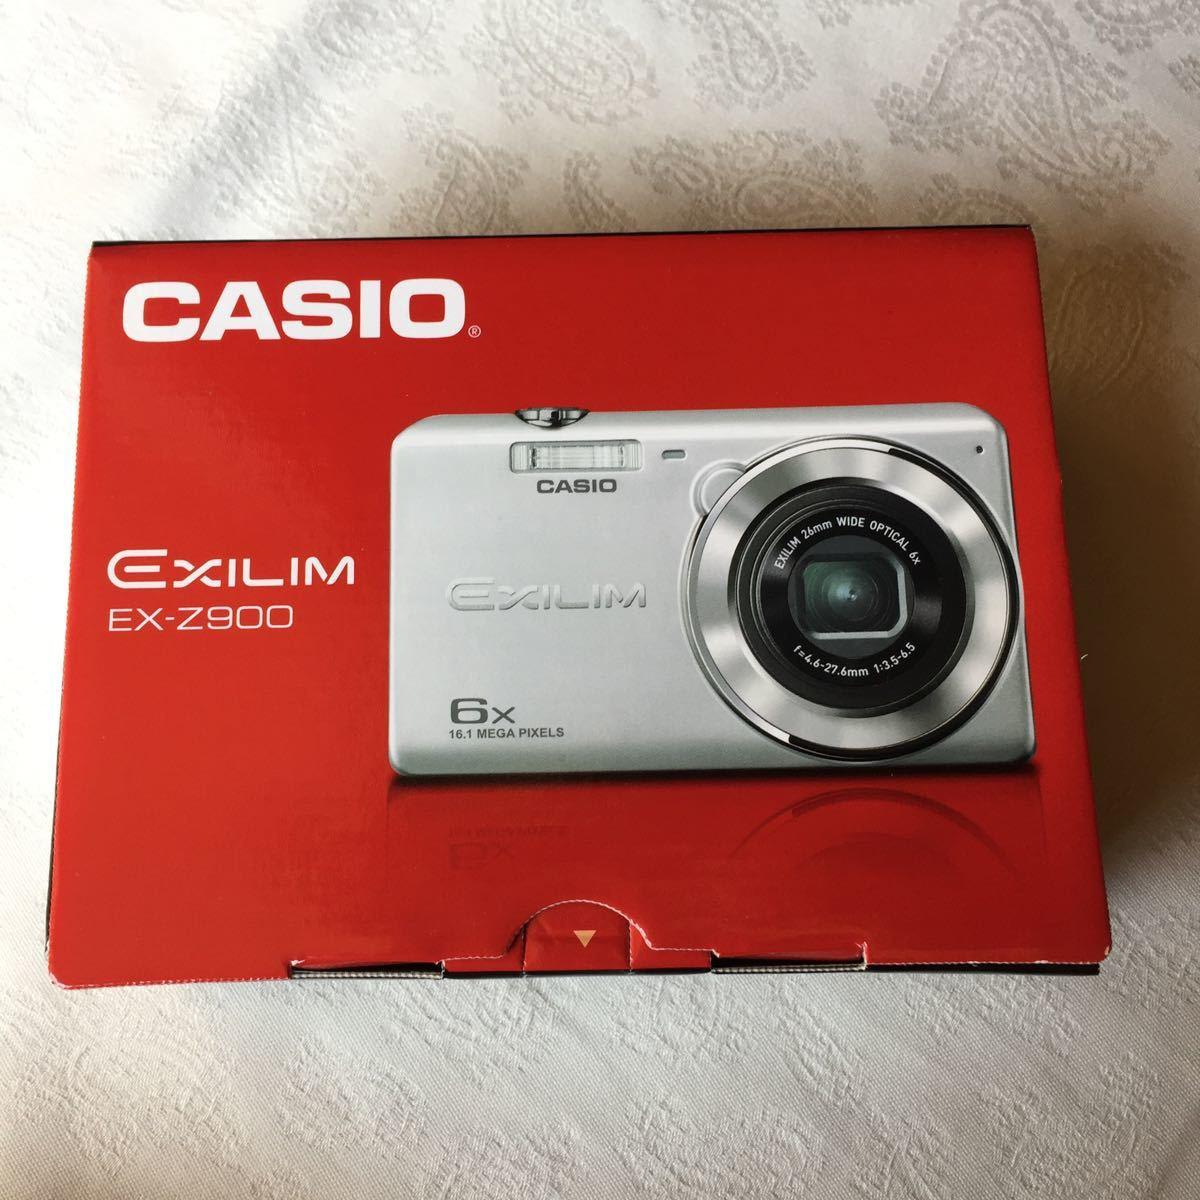 新品 CASIO EX-Z900 EXILIM カシオ デジタルカメラ コンパクト